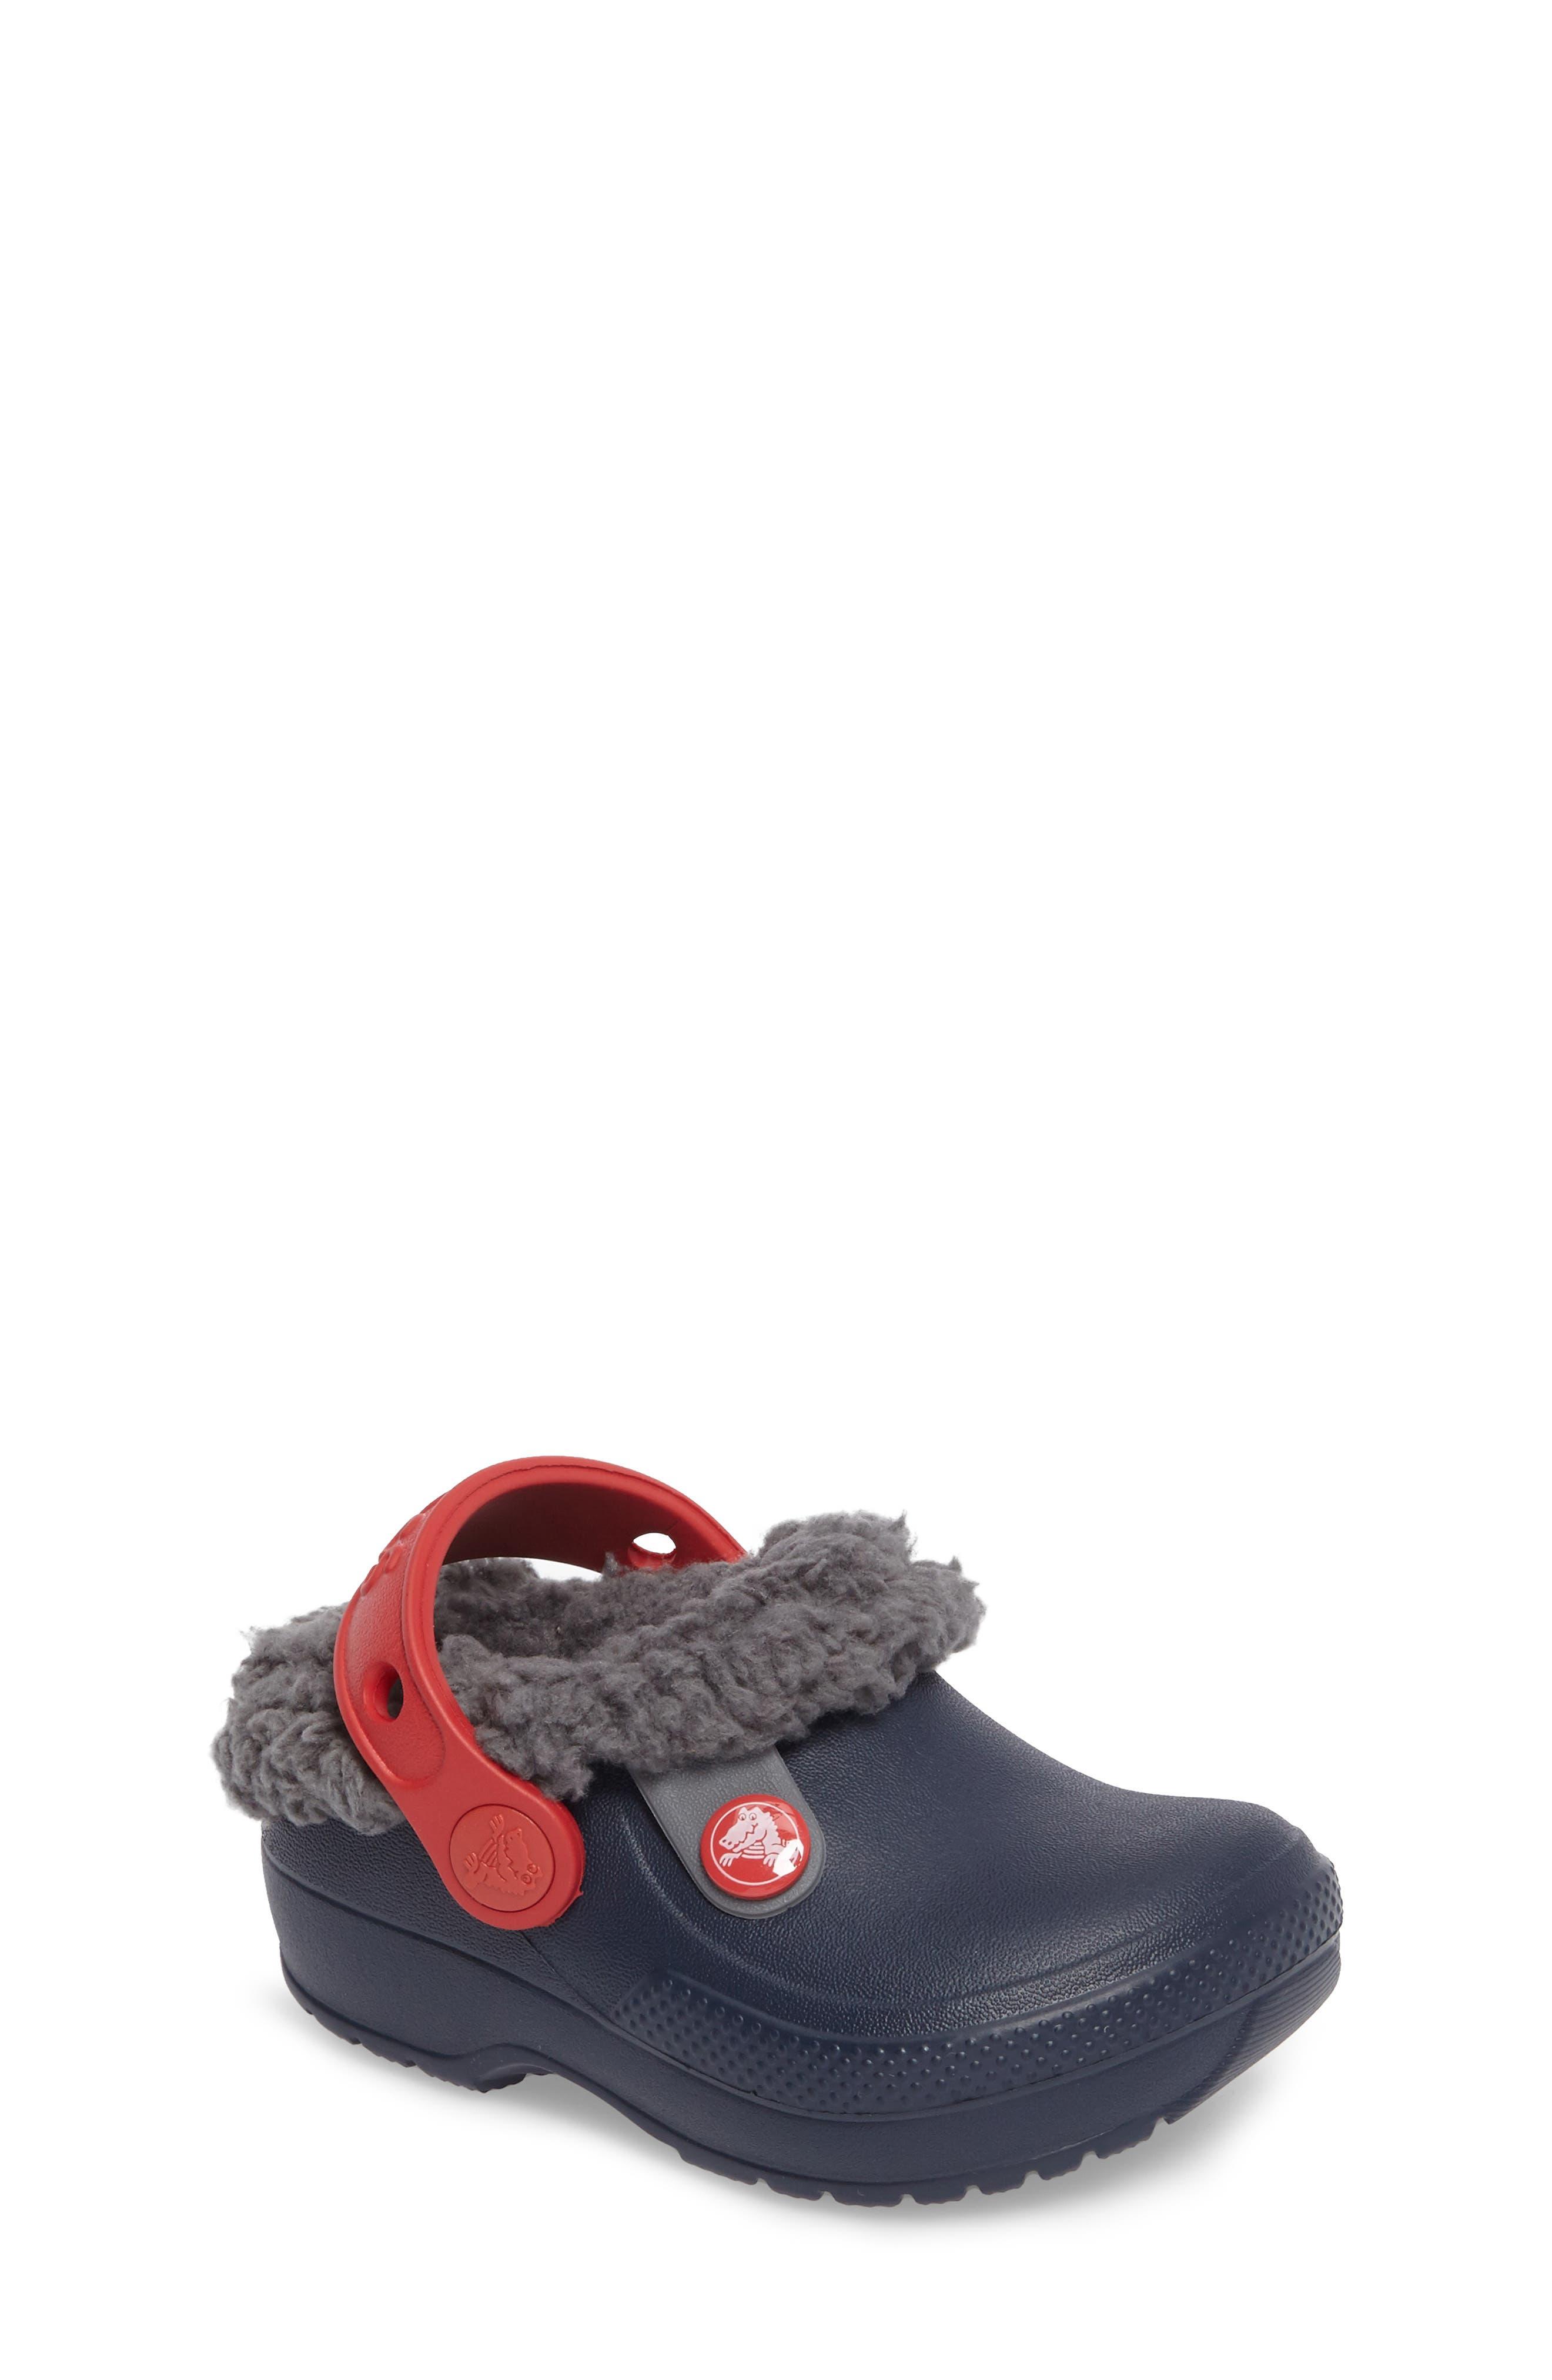 Classic Blitzen III Faux Fur Clog,                         Main,                         color, Navy/ Slate Grey